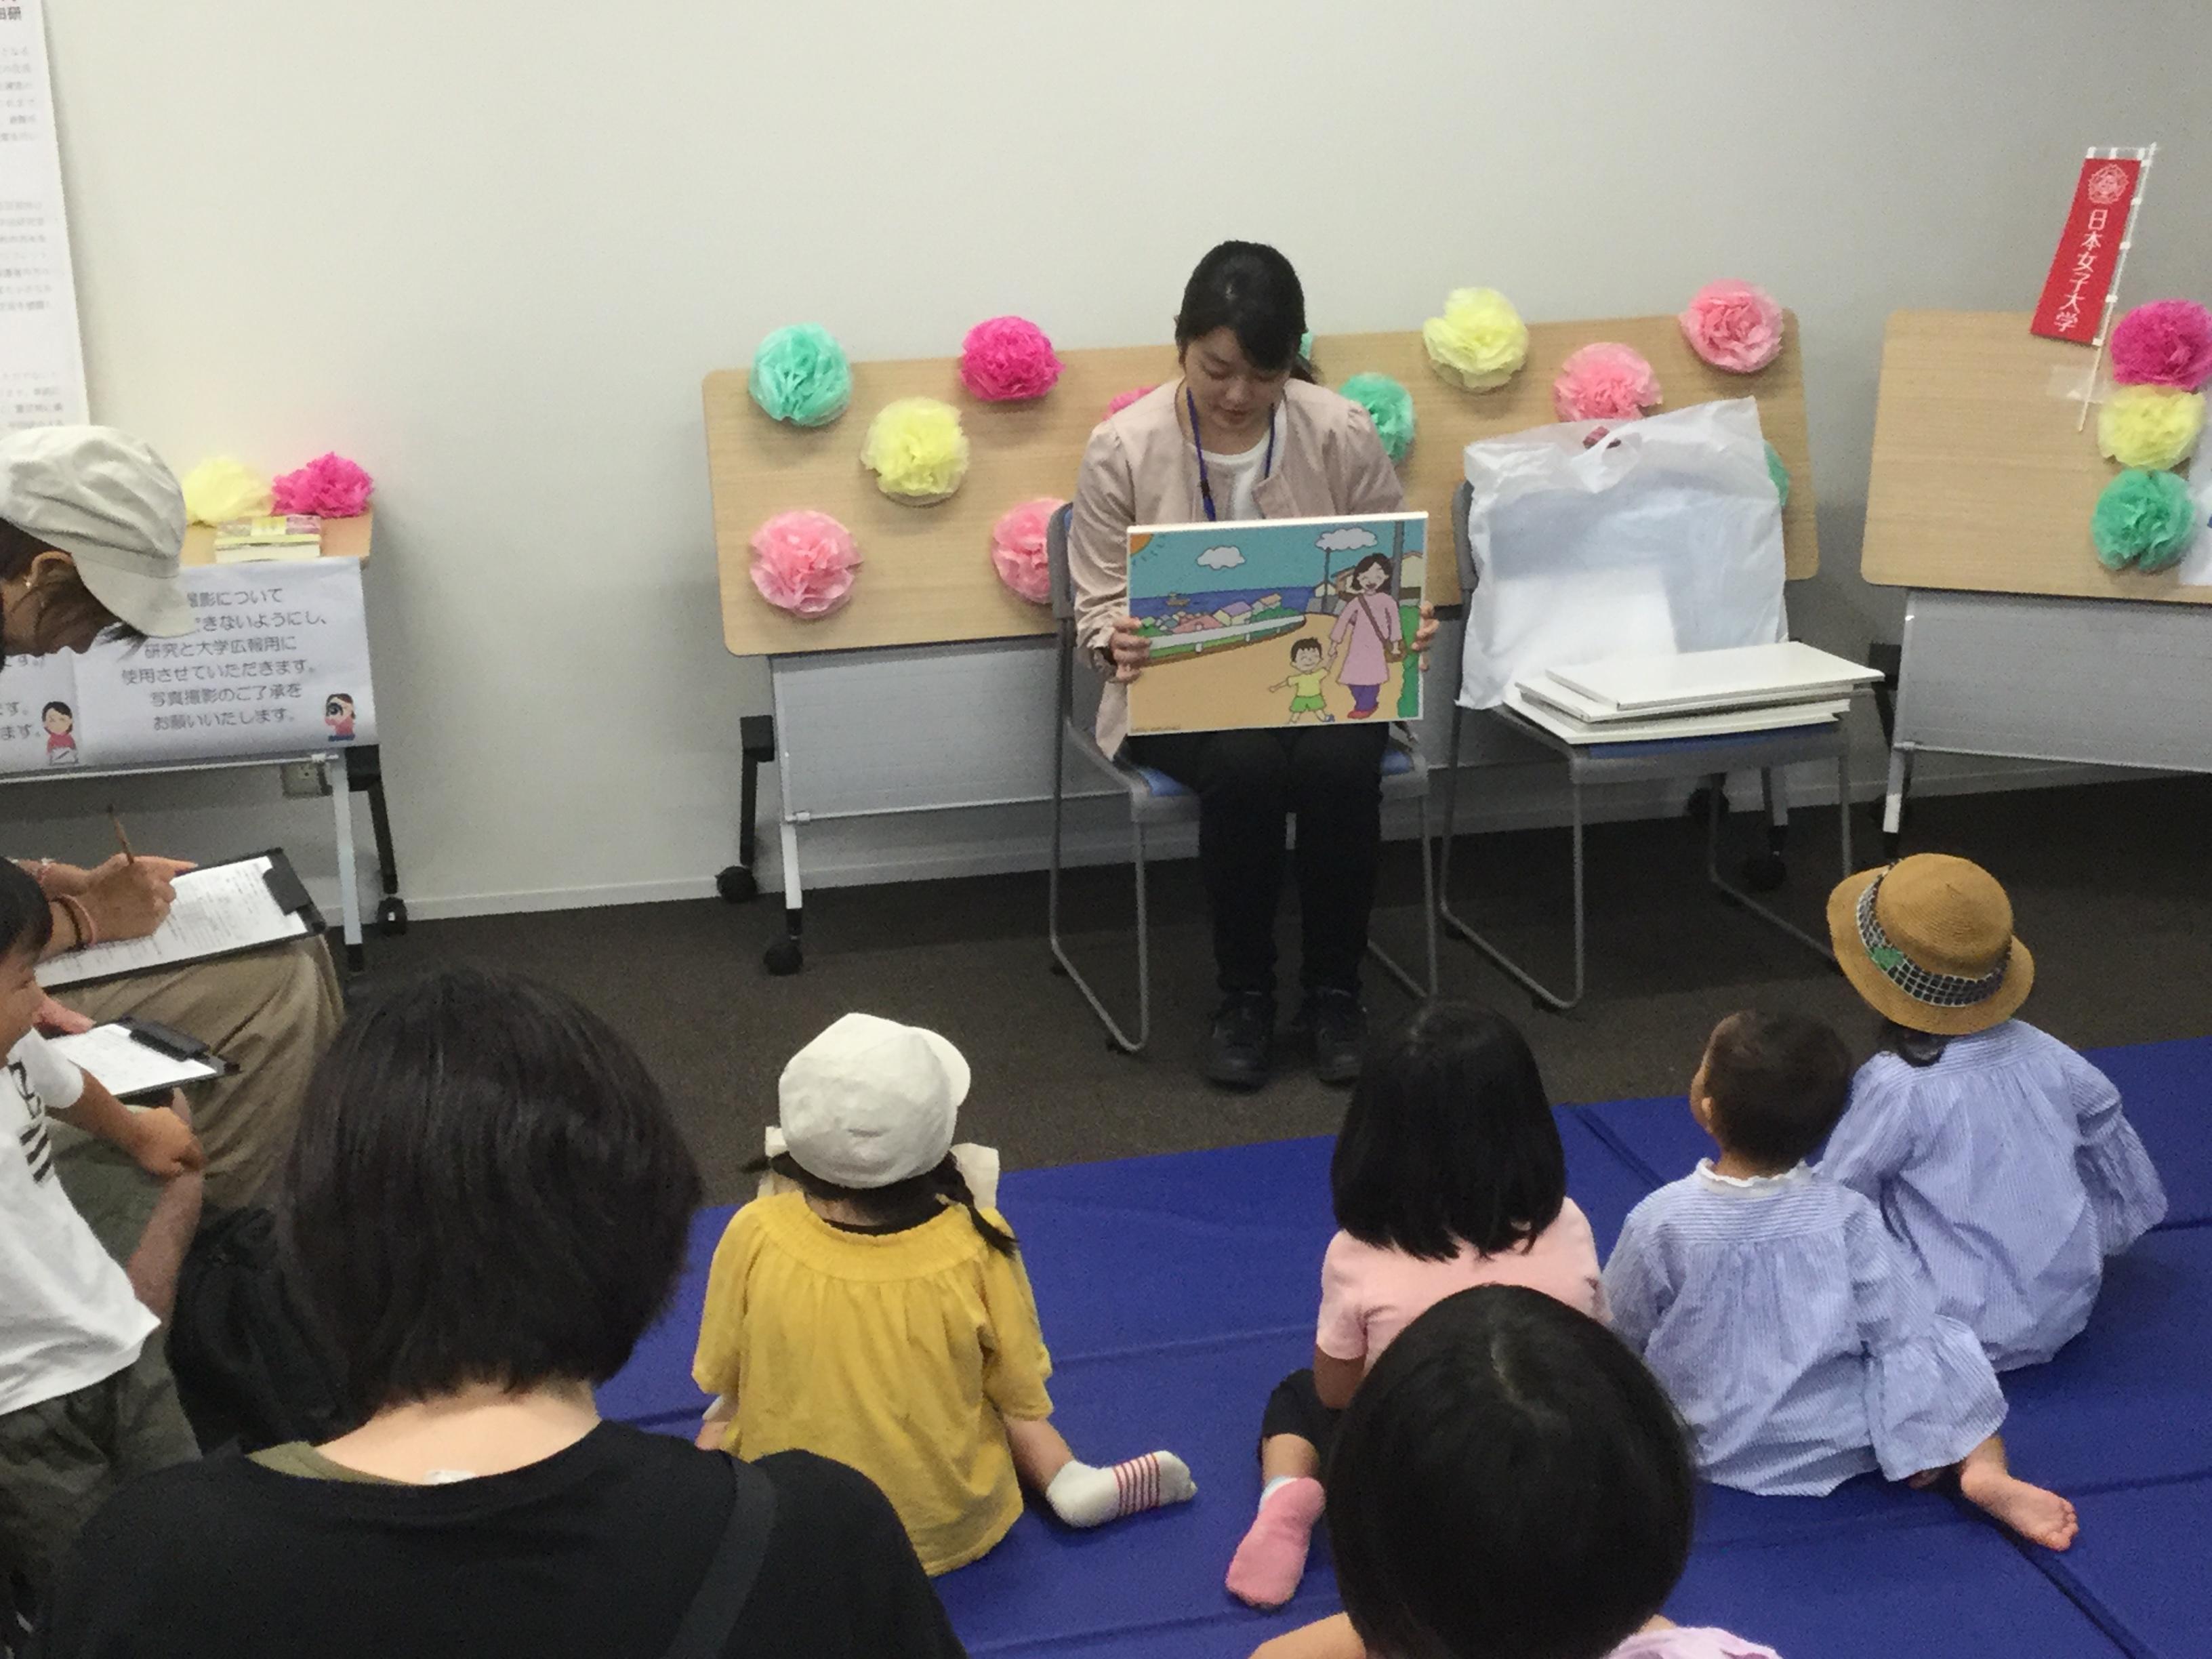 【日本女子大学】日本最大級の避難所・茨城県神栖市「かみす防災アリーナ」での大学・自治体・住民との協働 -- 住民が自ら避難所を運営する仕組みをつくる